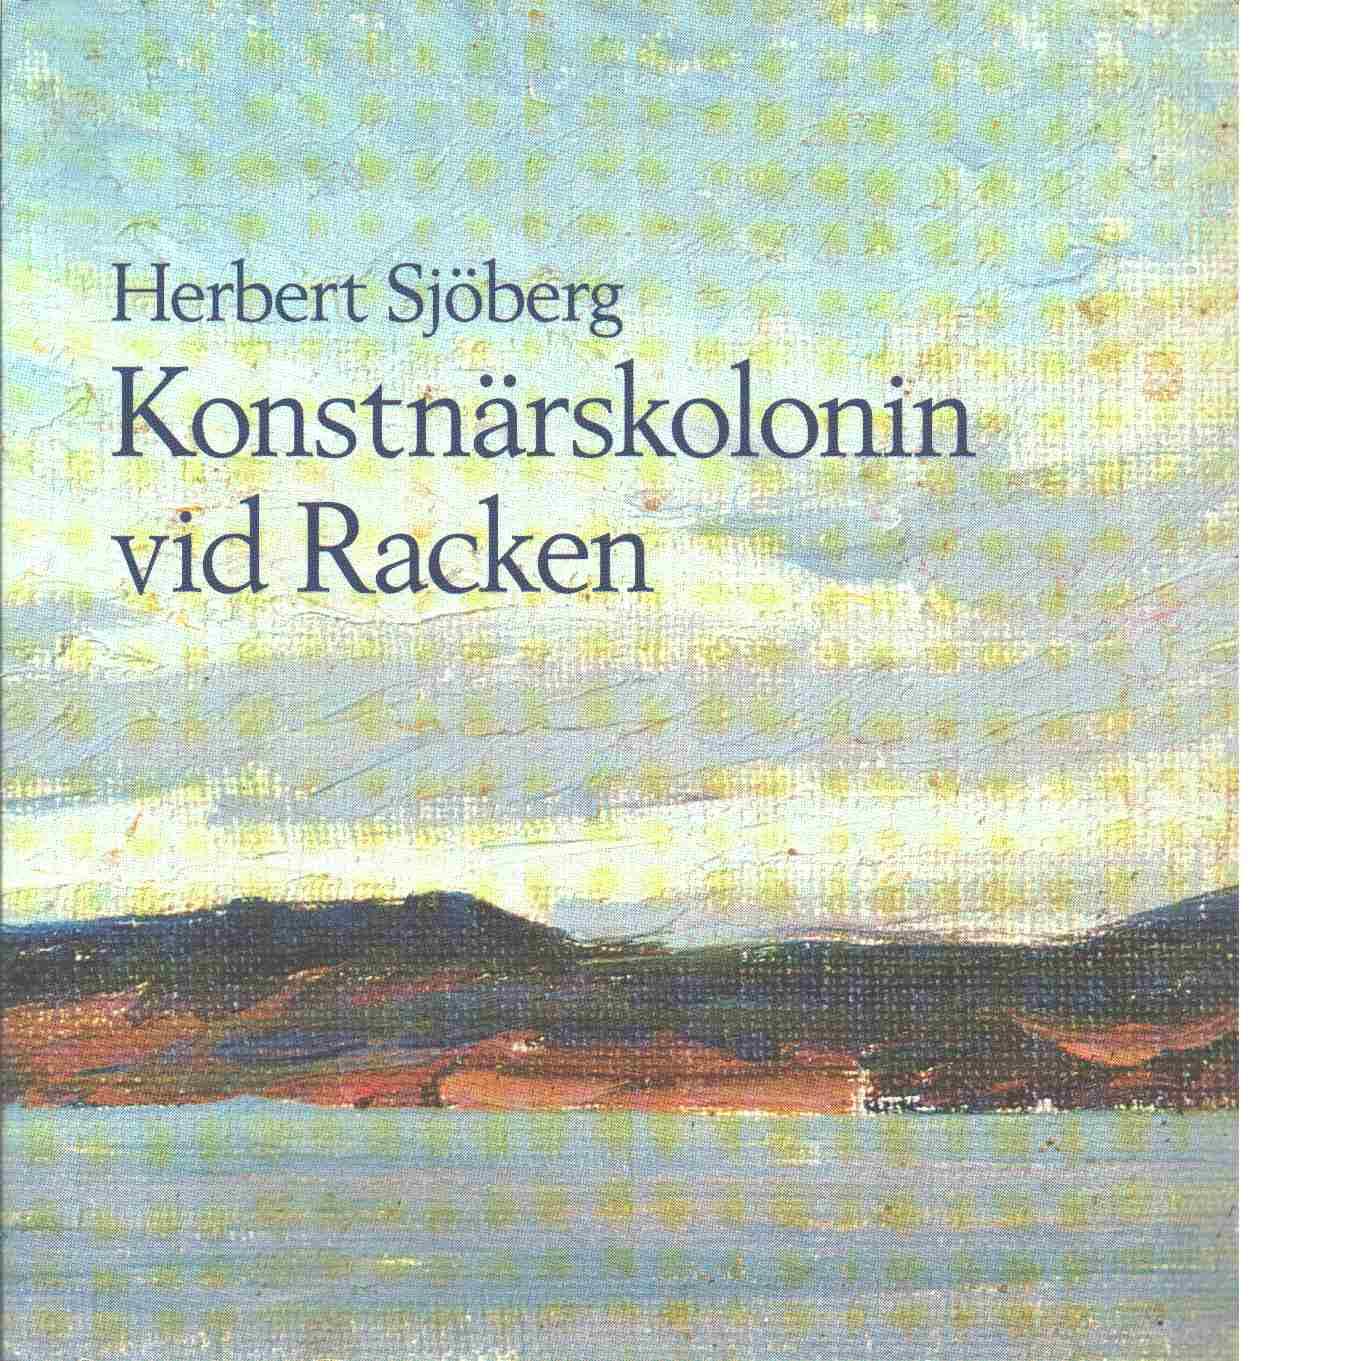 Konstnärskolonin vid Racken - Sjöberg, Herbert